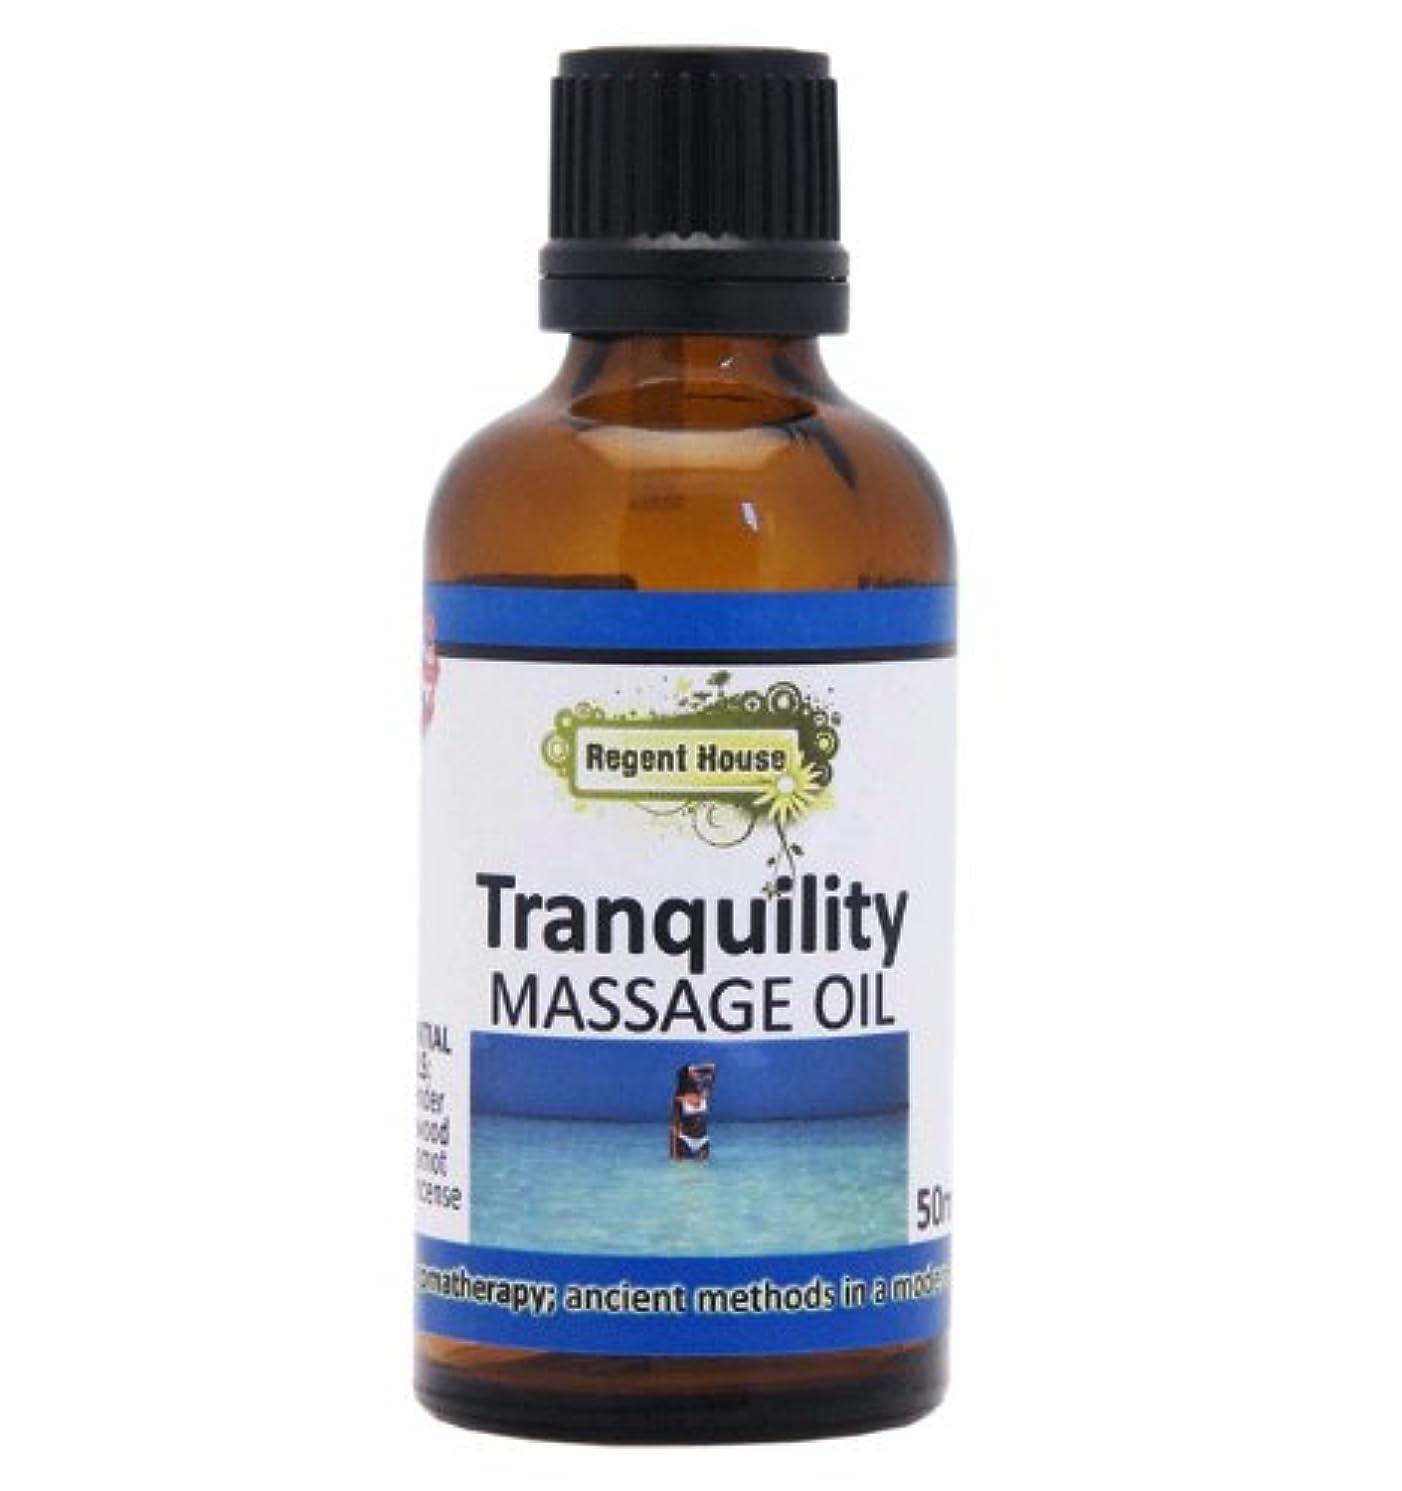 満足させる木製ハミングバード貴重なローズウッドを、たっぷり配合しました。 アロマ ナチュラル マッサージオイル 50ml トランキュリティー(Aroma Massage Oil Tranqulity)